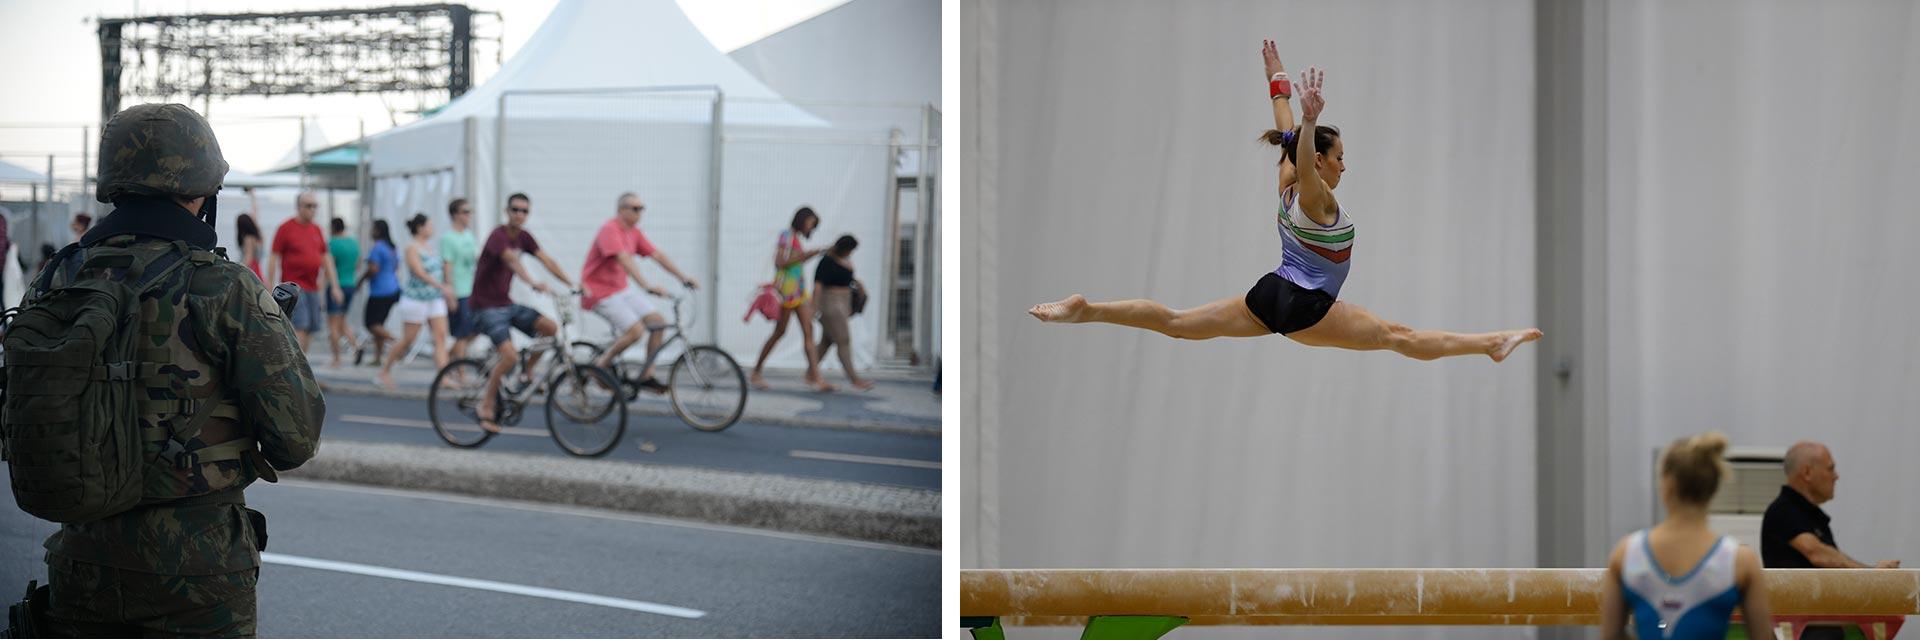 brasil_olimpico_6_caja